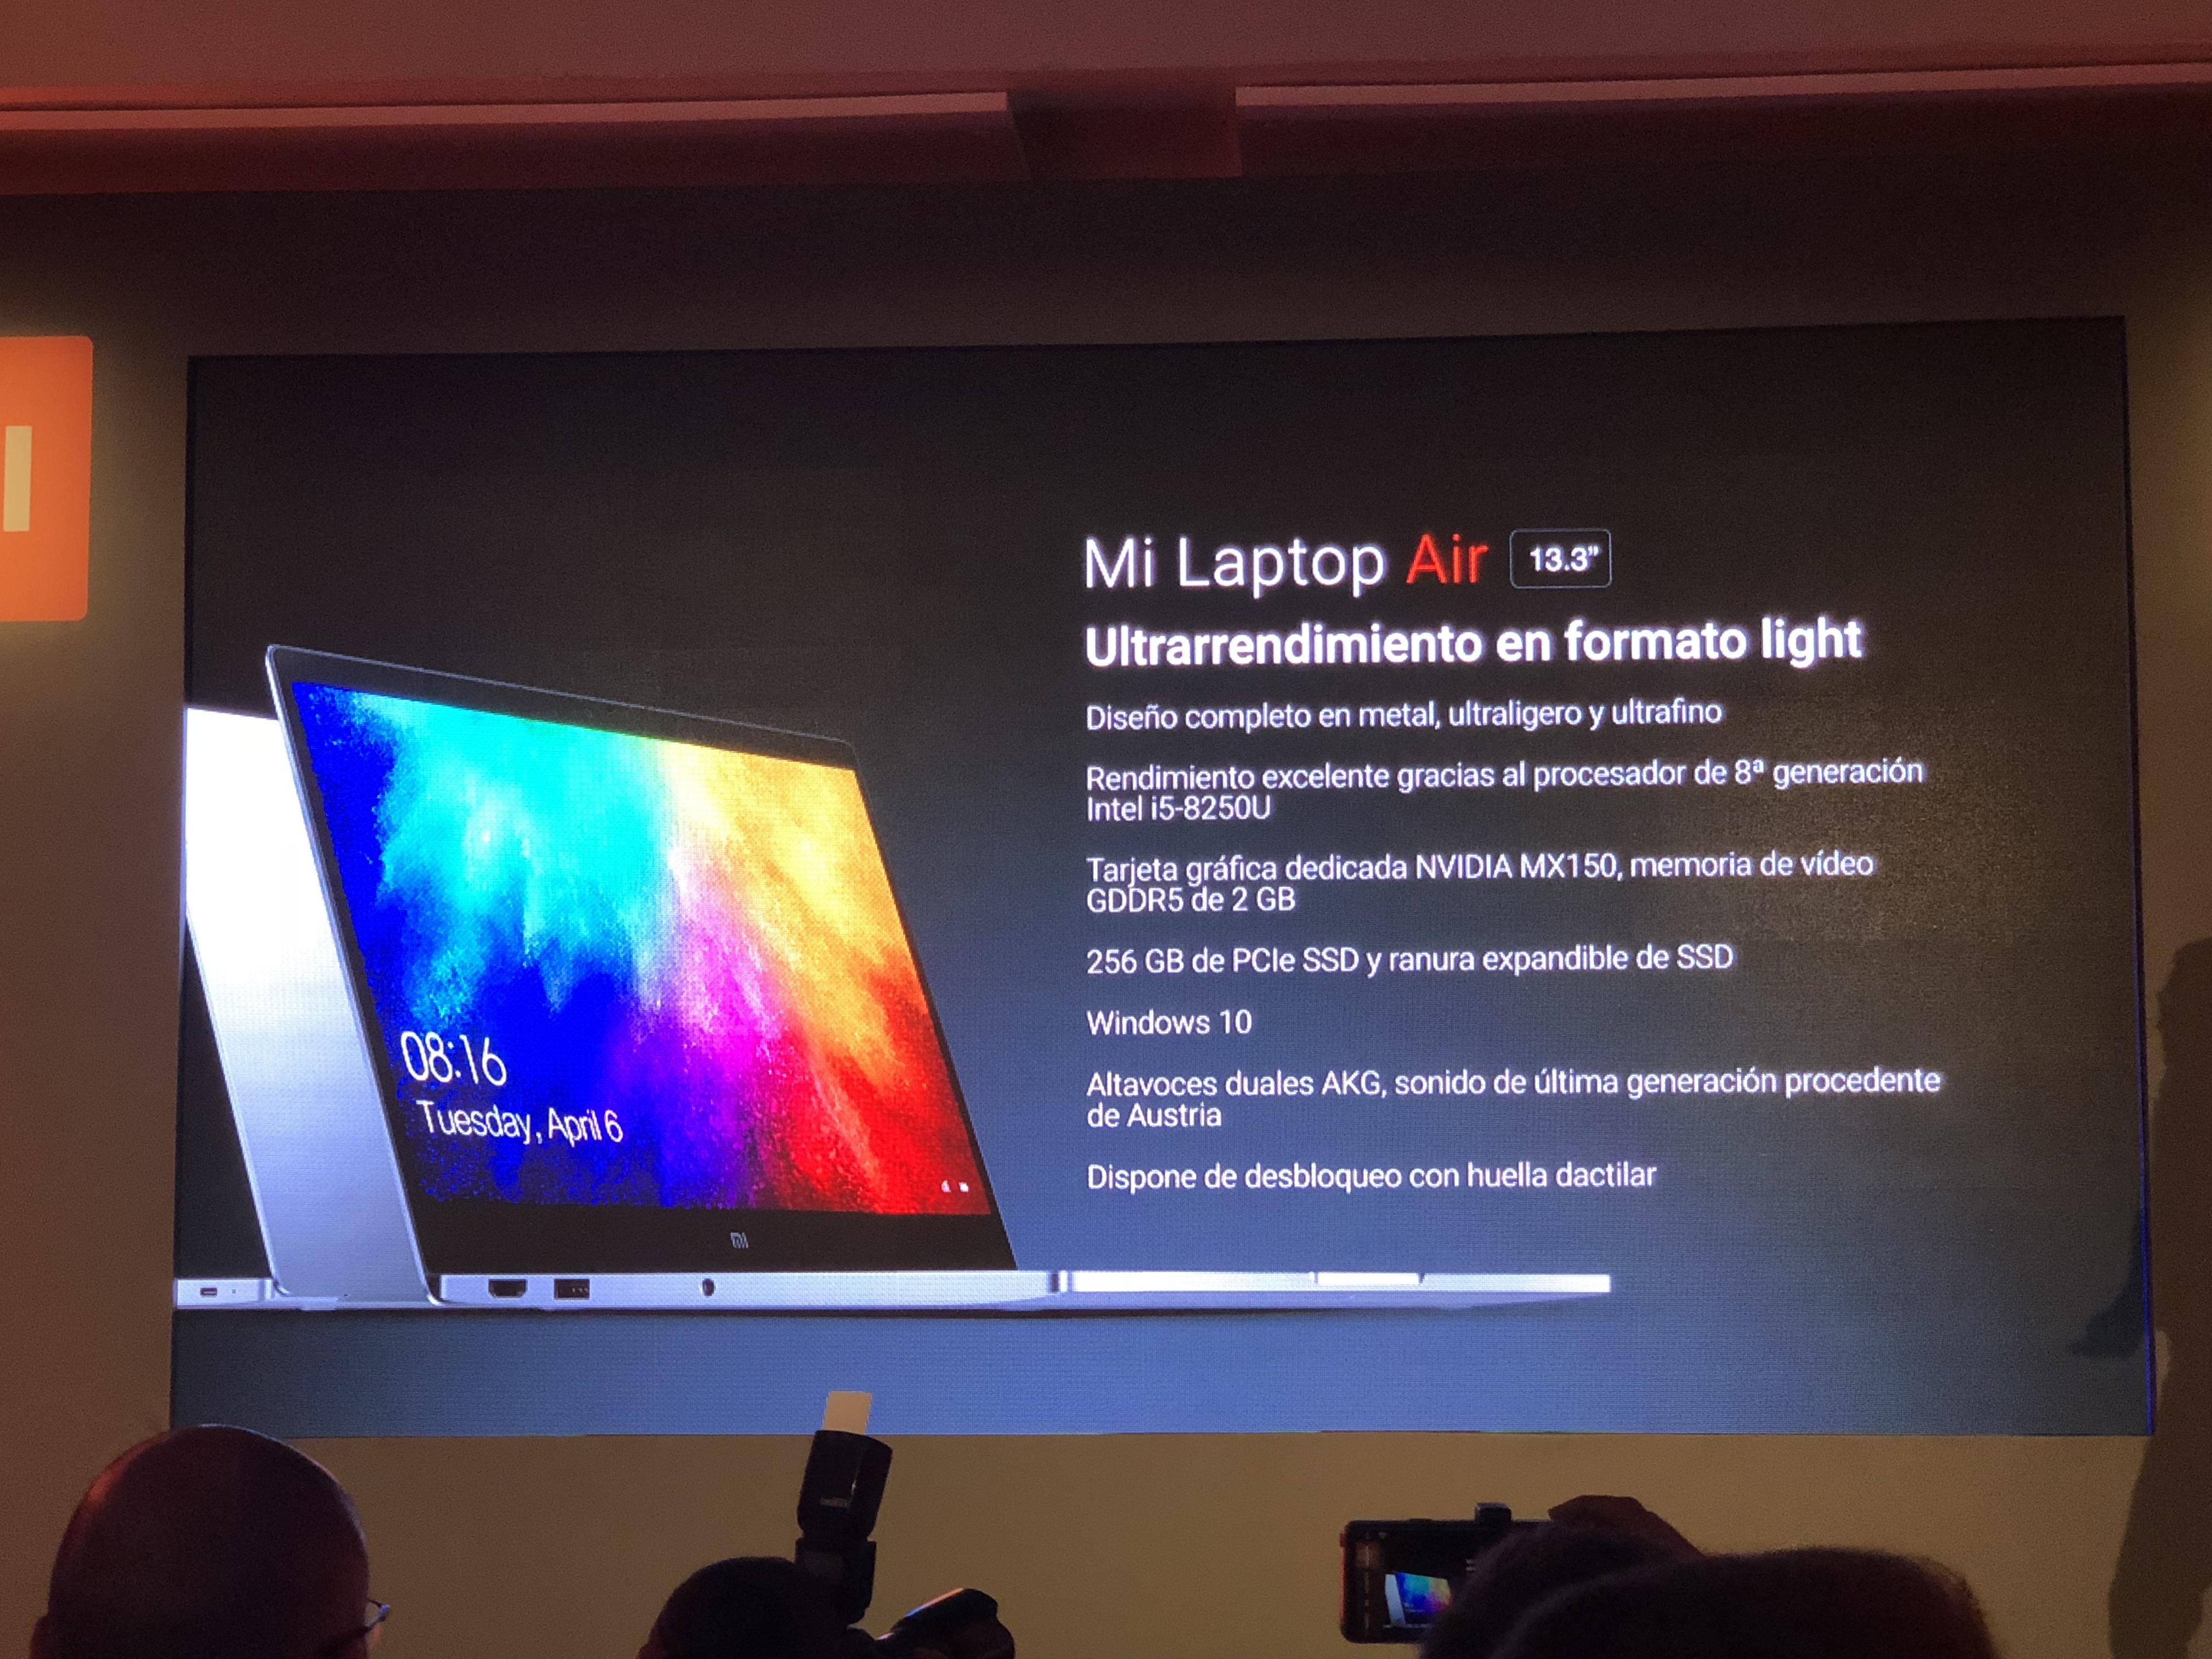 Llega Mi Laptop Air, el portátil ultraligero de Xiaomi, a España